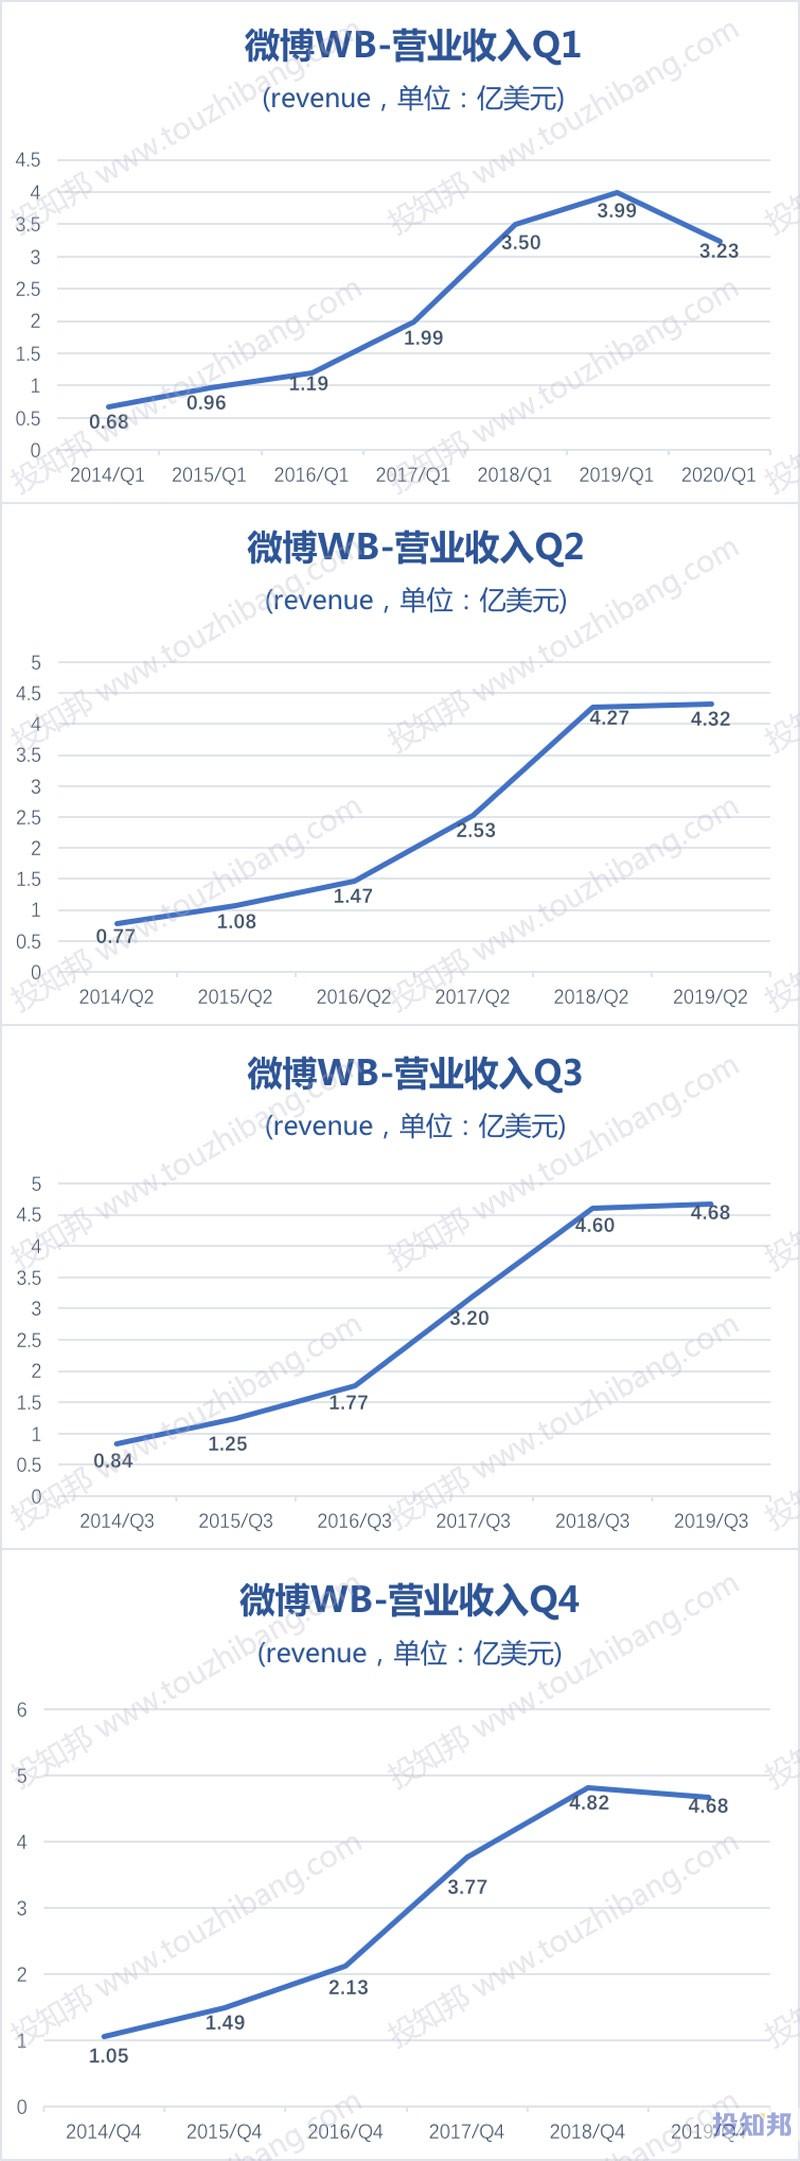 微博(WB)财报数据图示(2014~2020年Q1,更新)